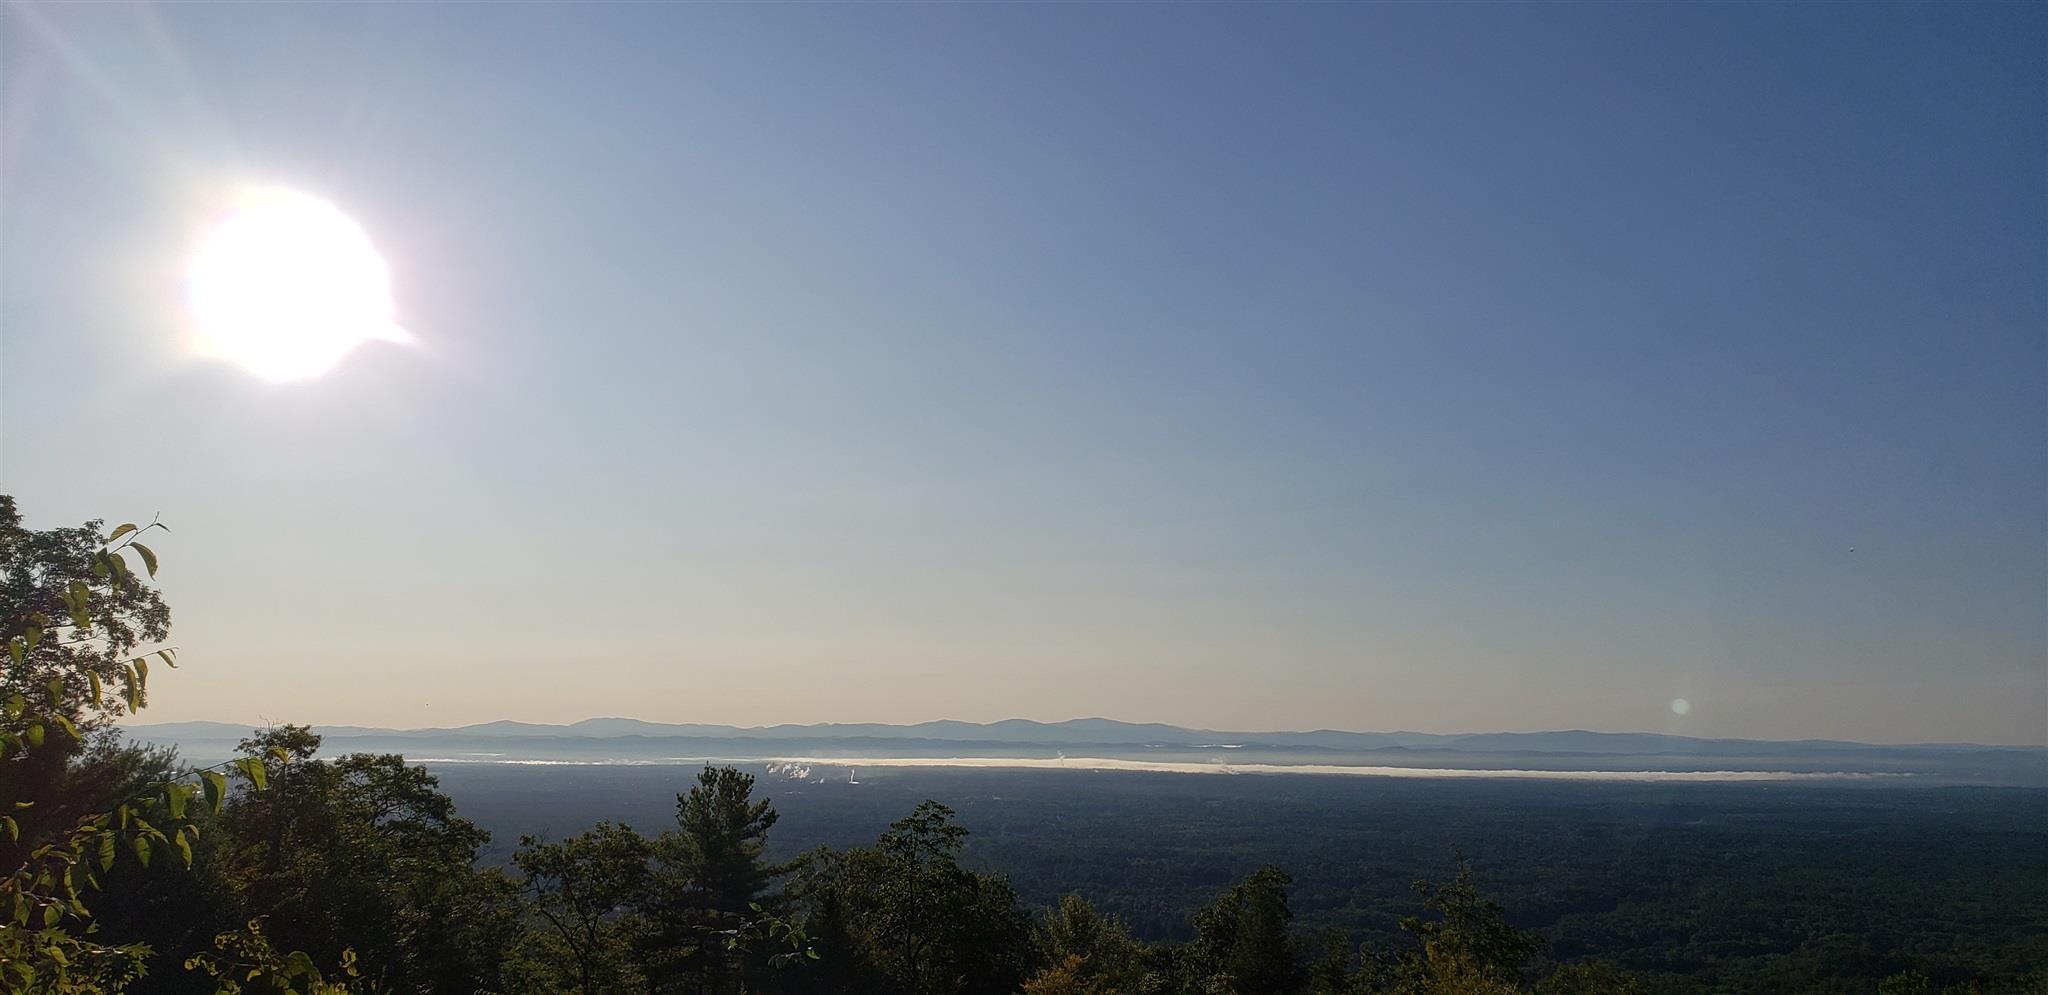 Lake Lazur image 6